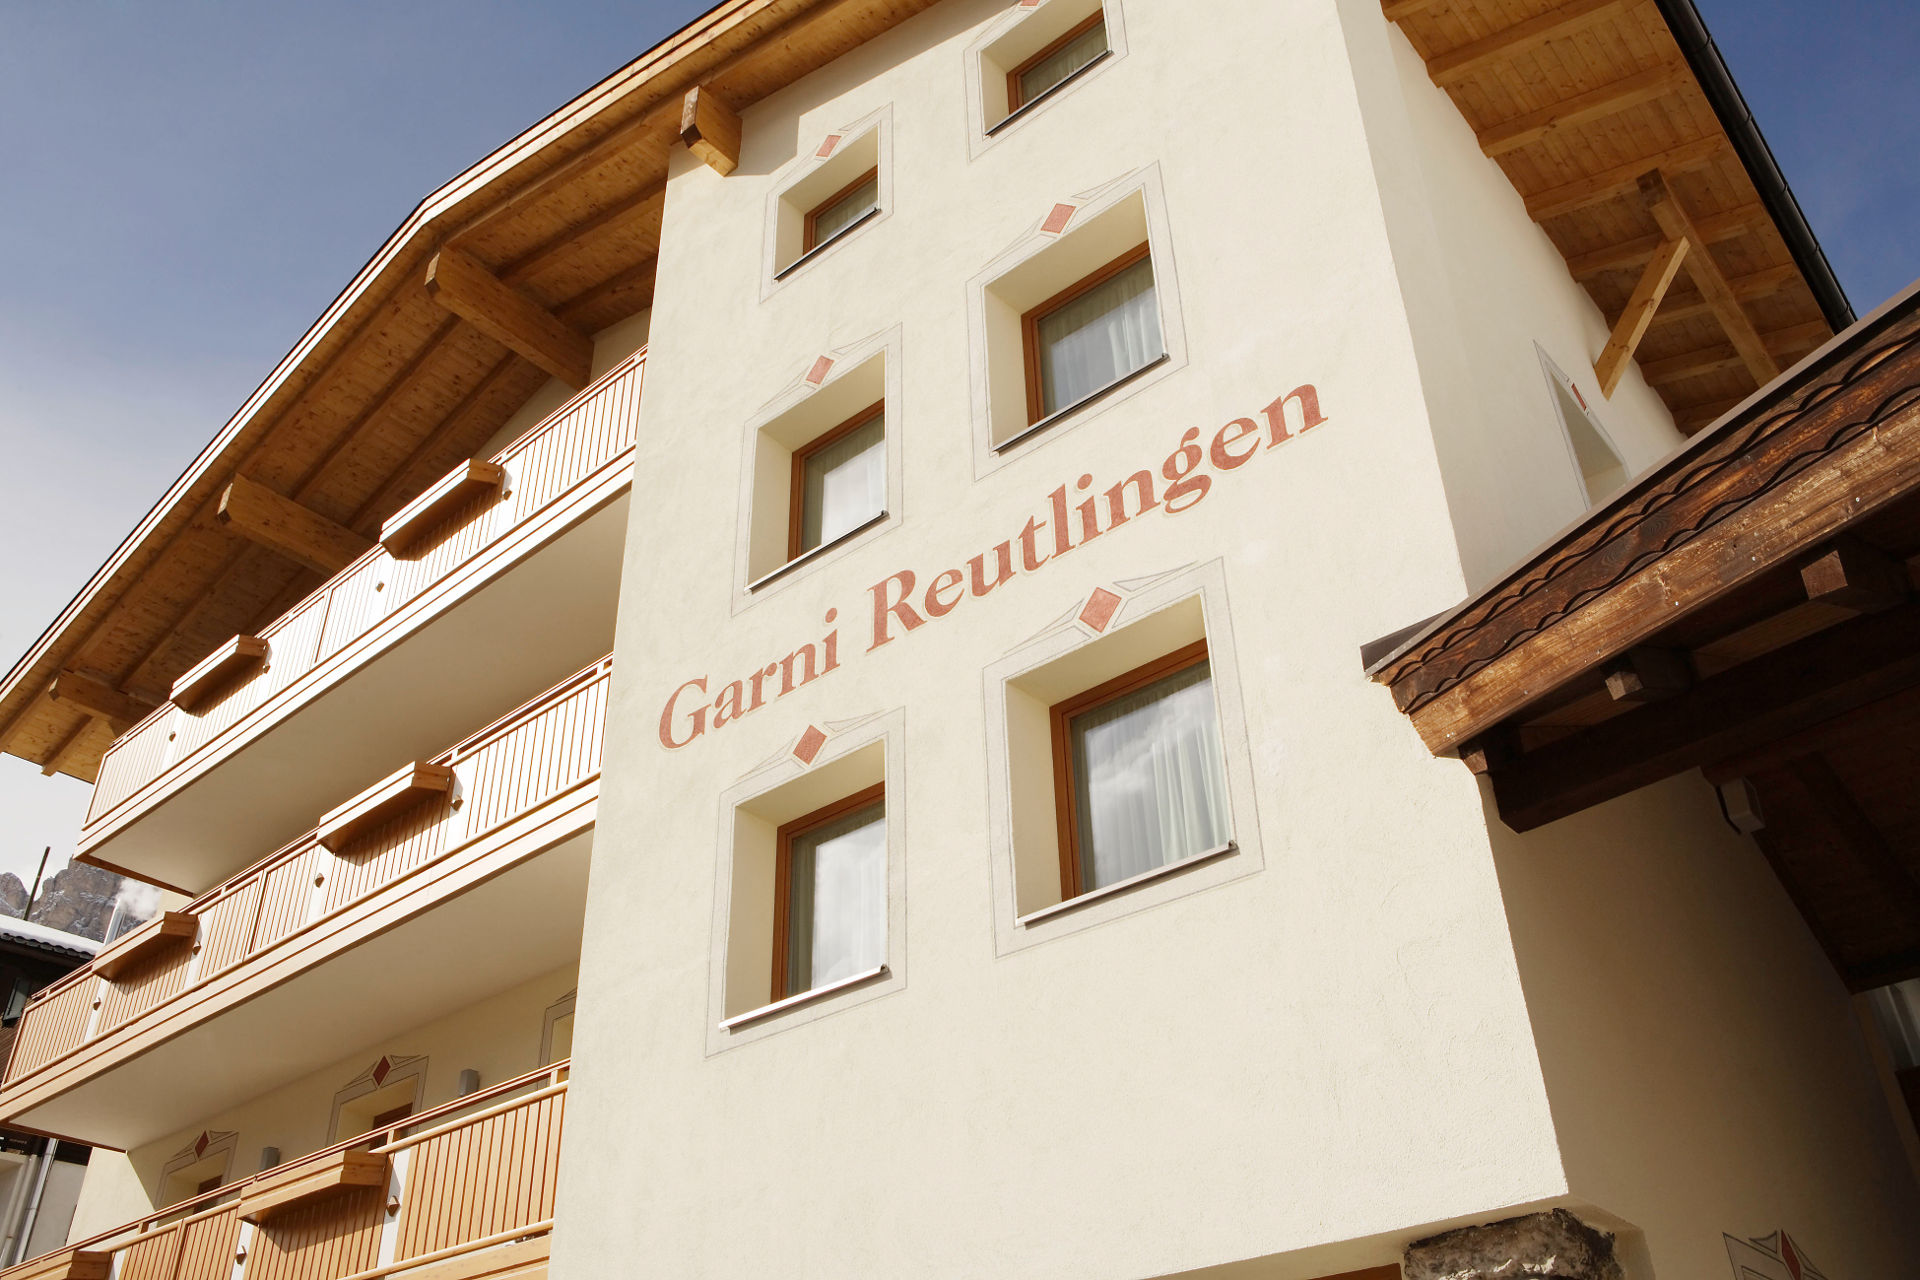 garni-reutlingen02.jpg